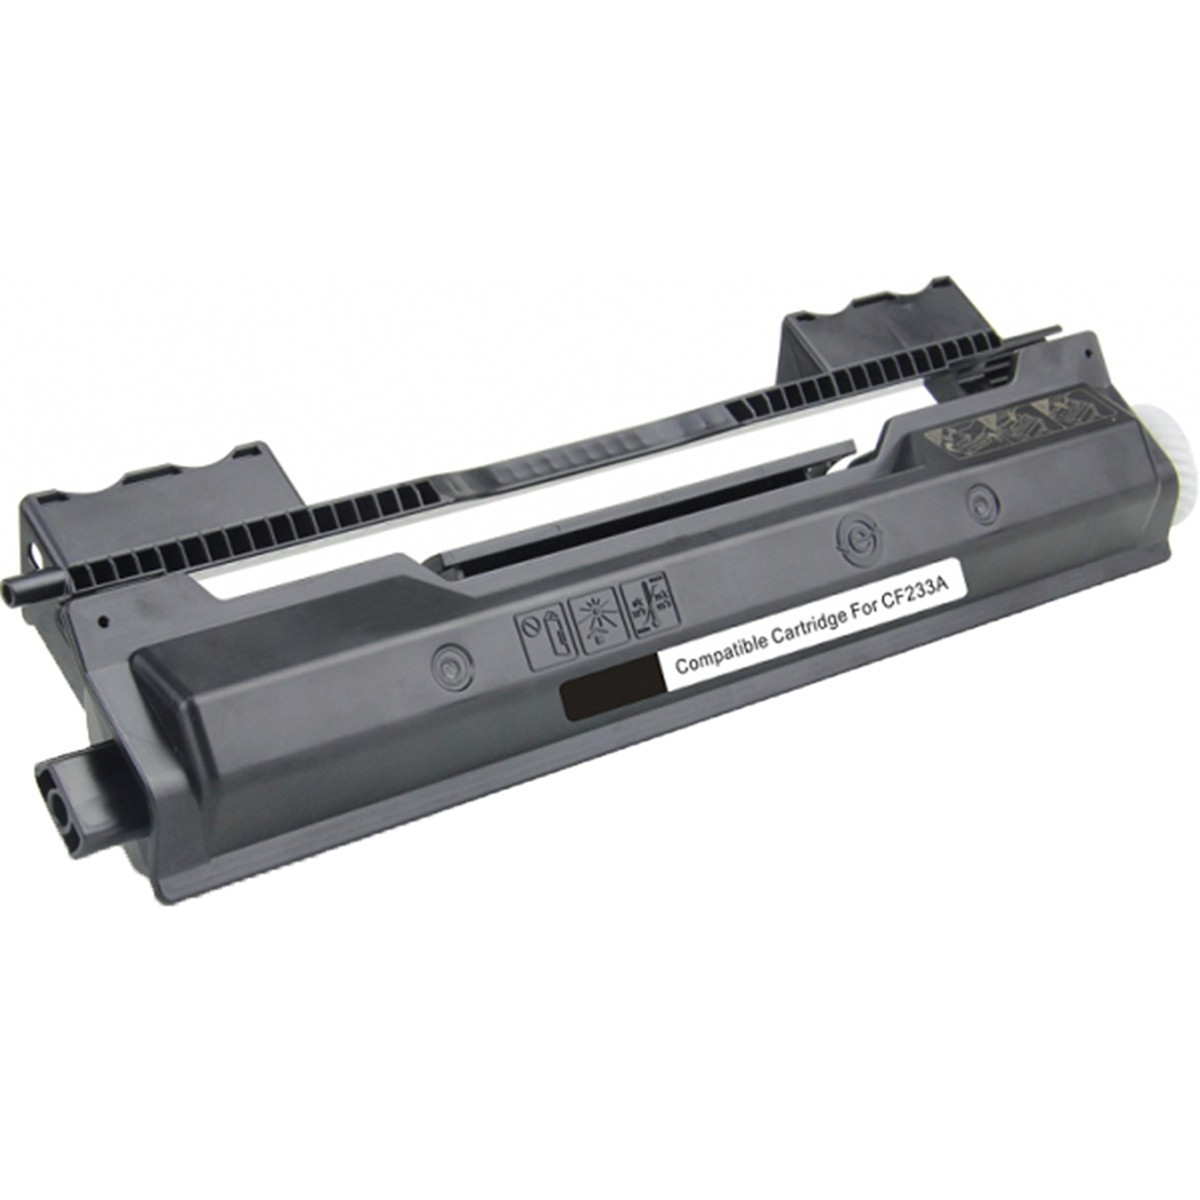 Toner Compatível com HP CF233A 33A | M106 M134 M106W M134A M134FN 106W 134A 134FN